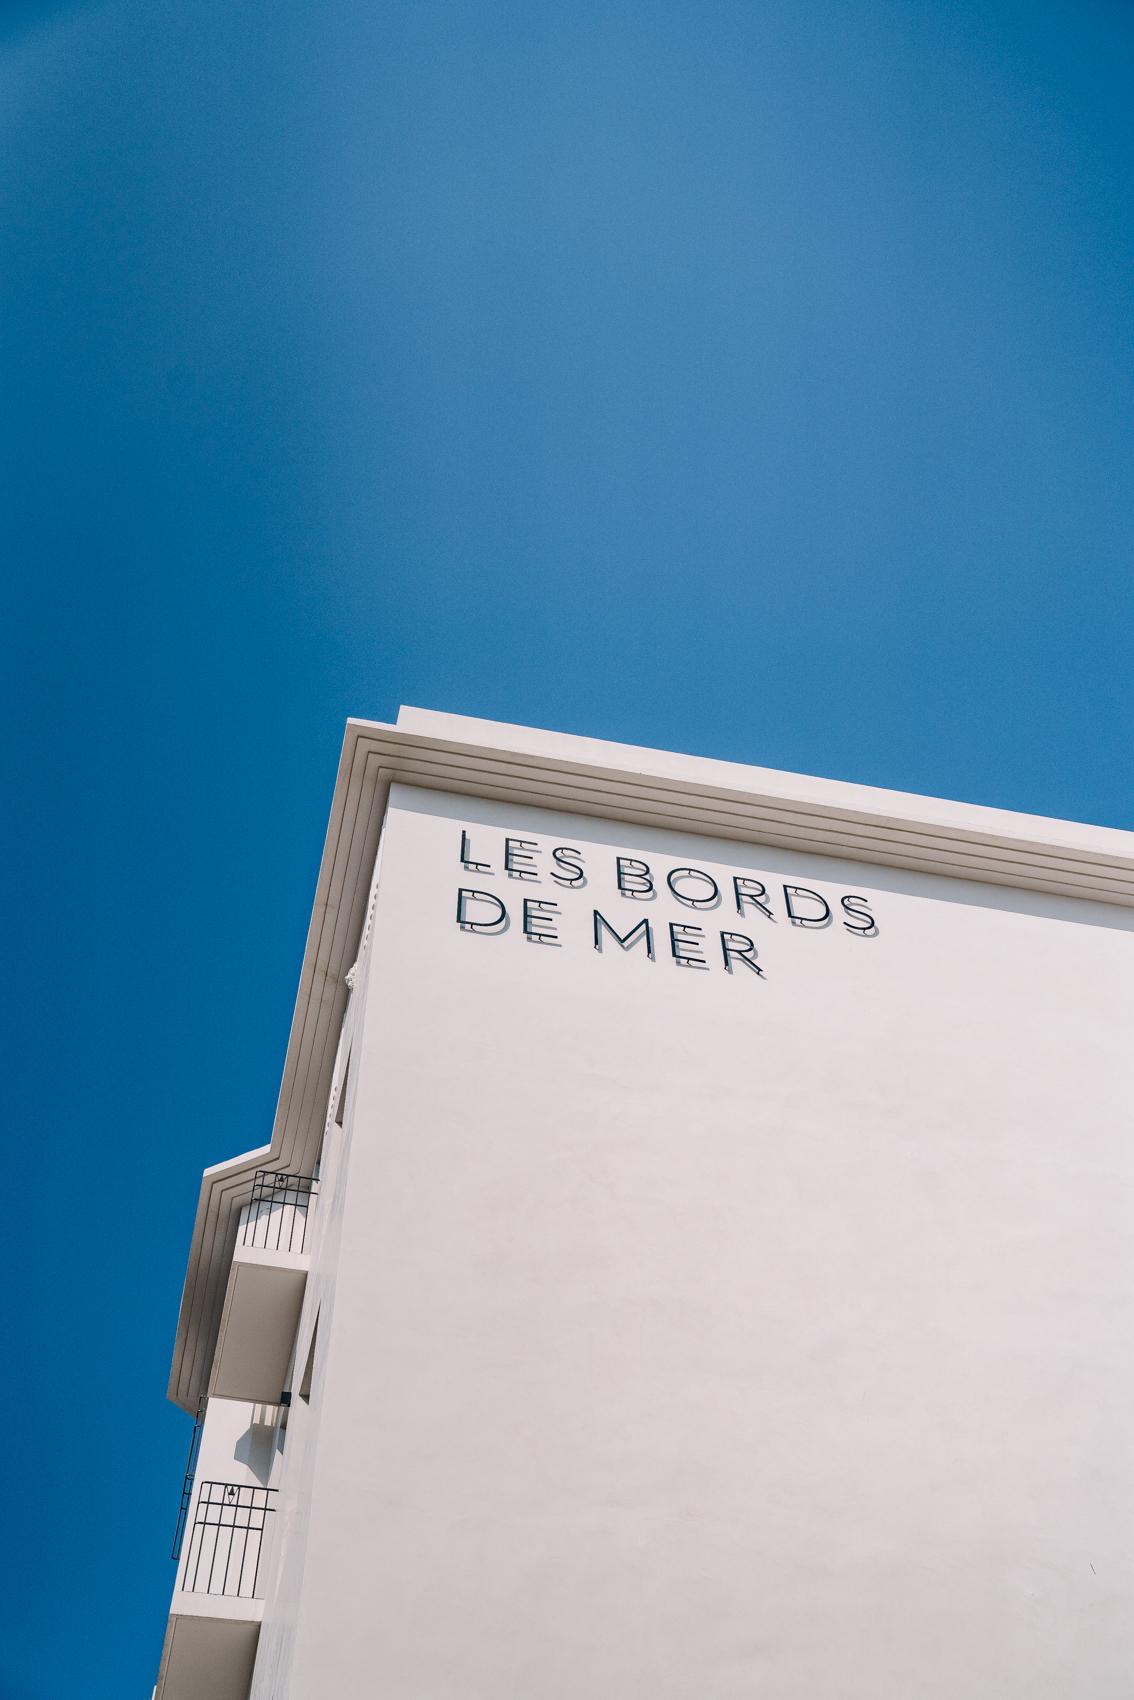 TRAVEL-Photography-provence-hotel-restaurant-interior-Les-Bords-de-Mer-Clara-Tuma_004.jpg